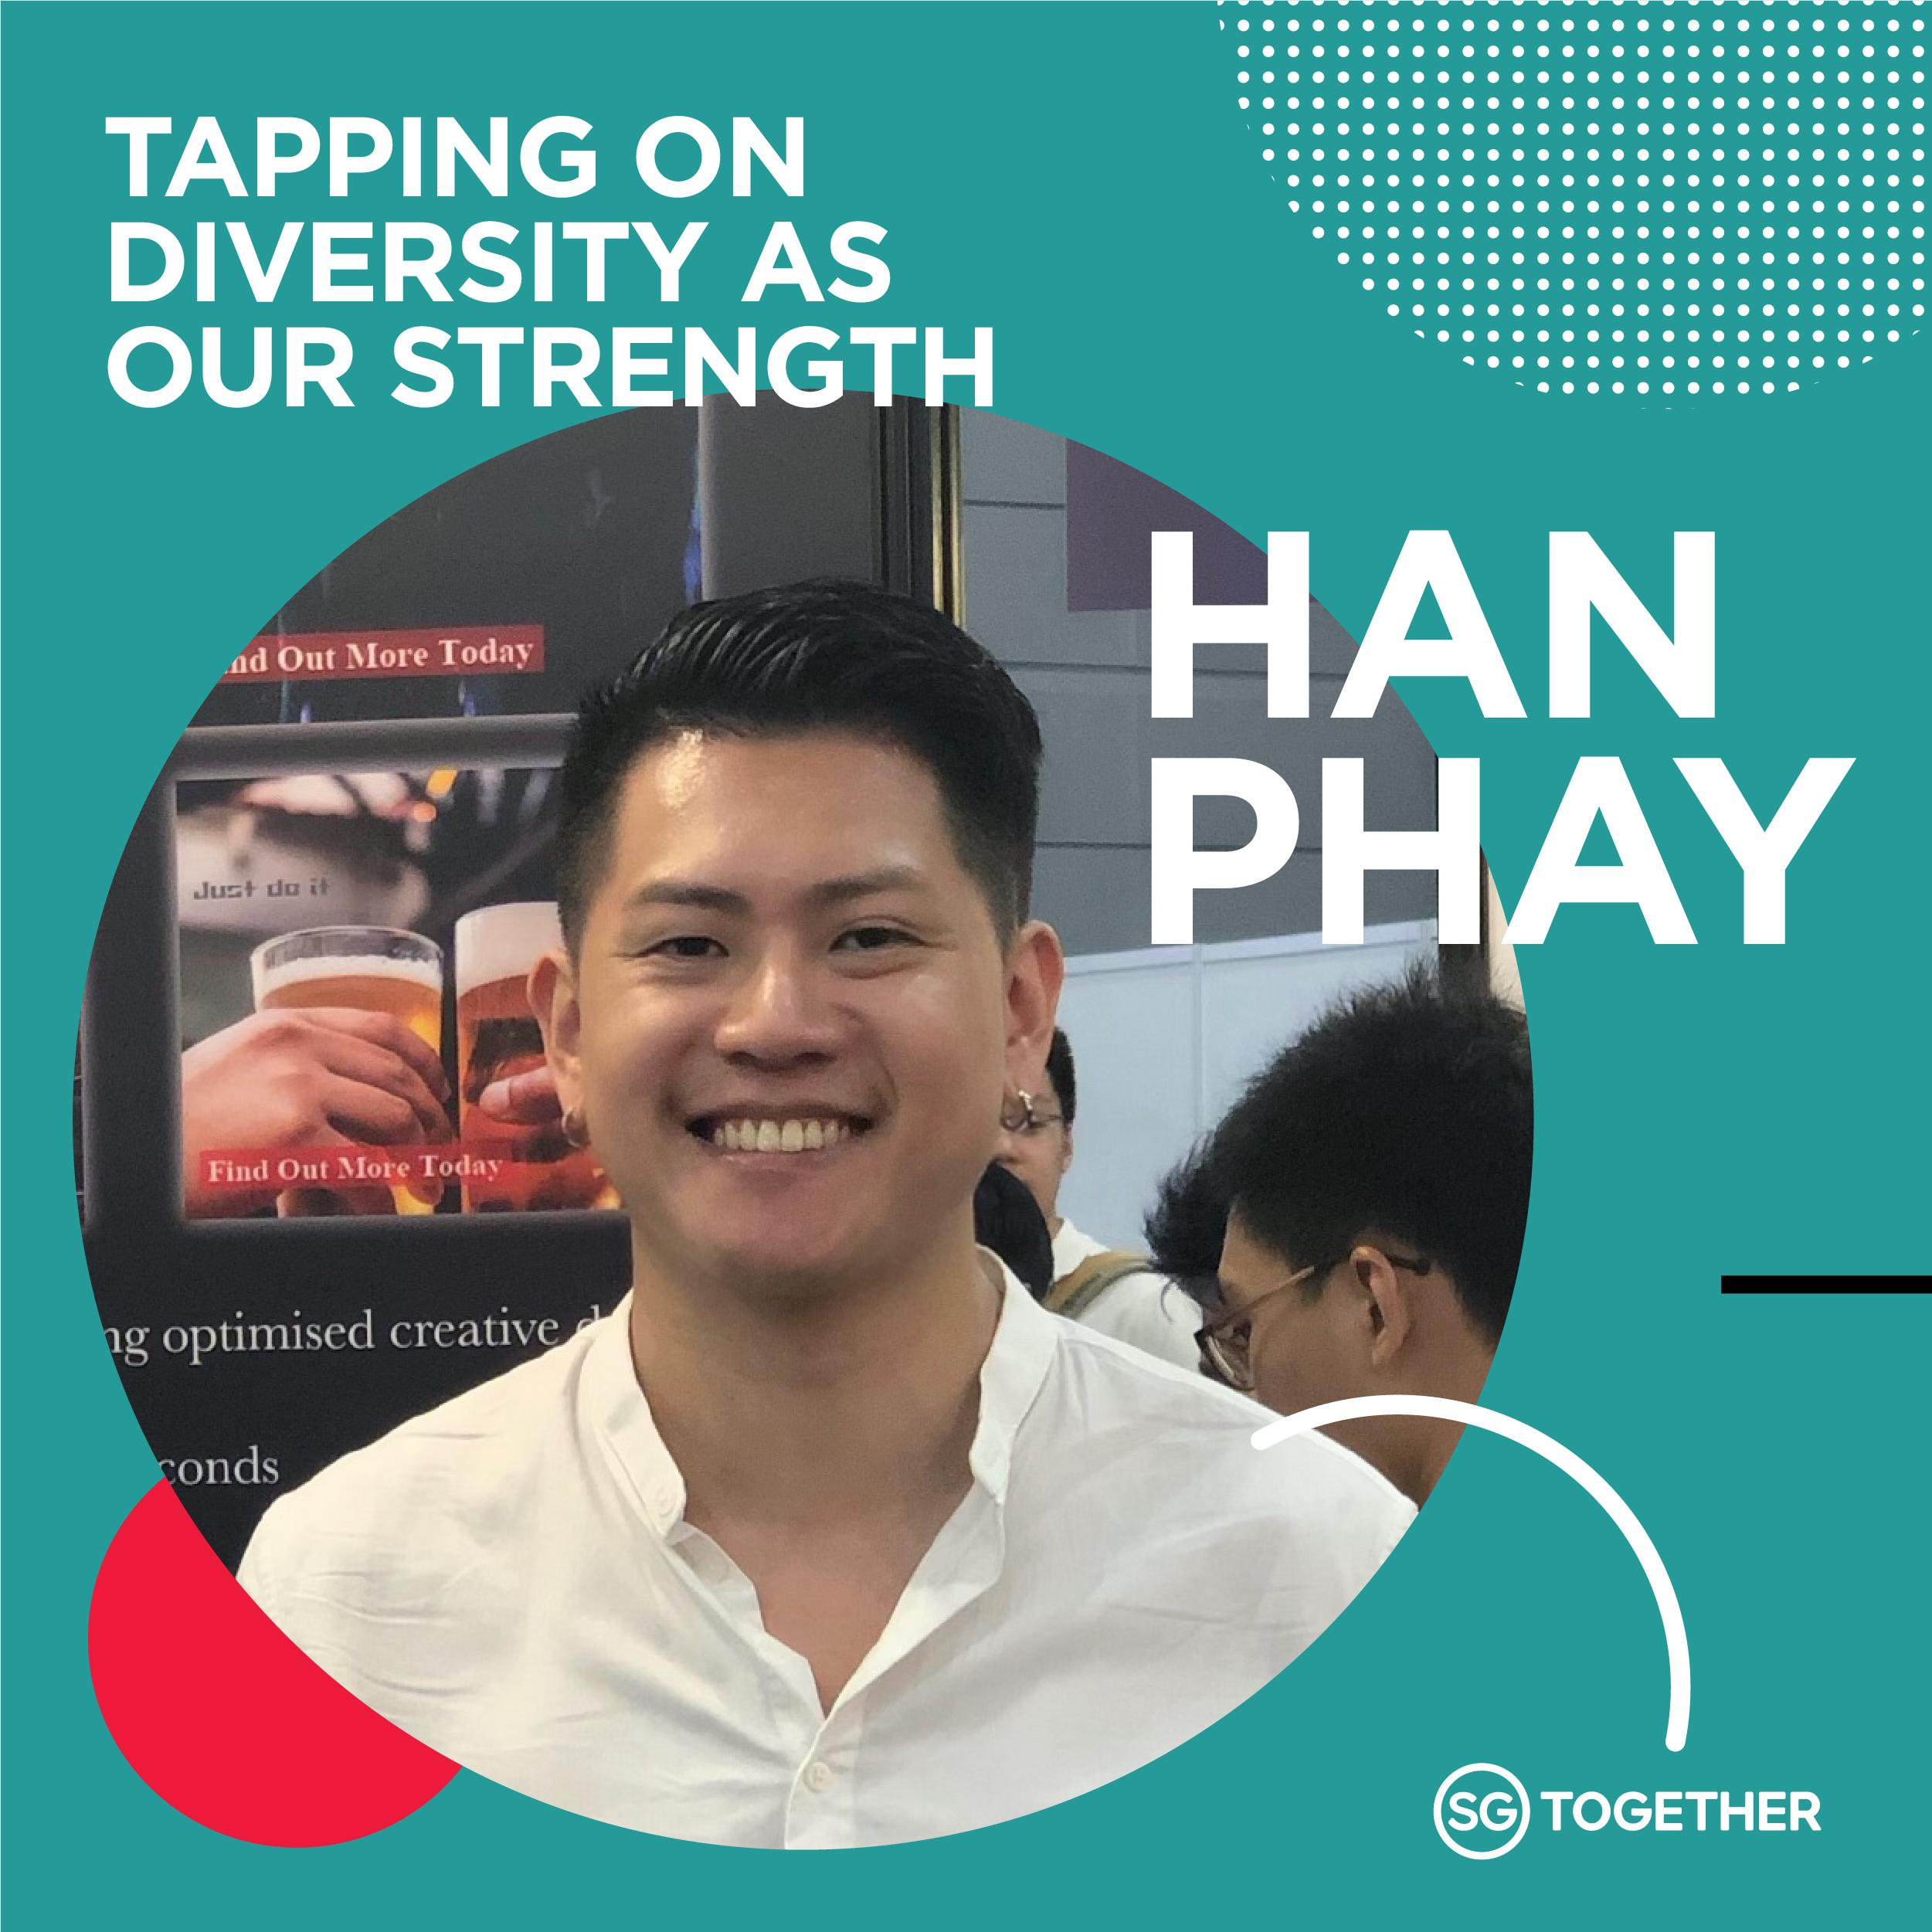 Han Phay